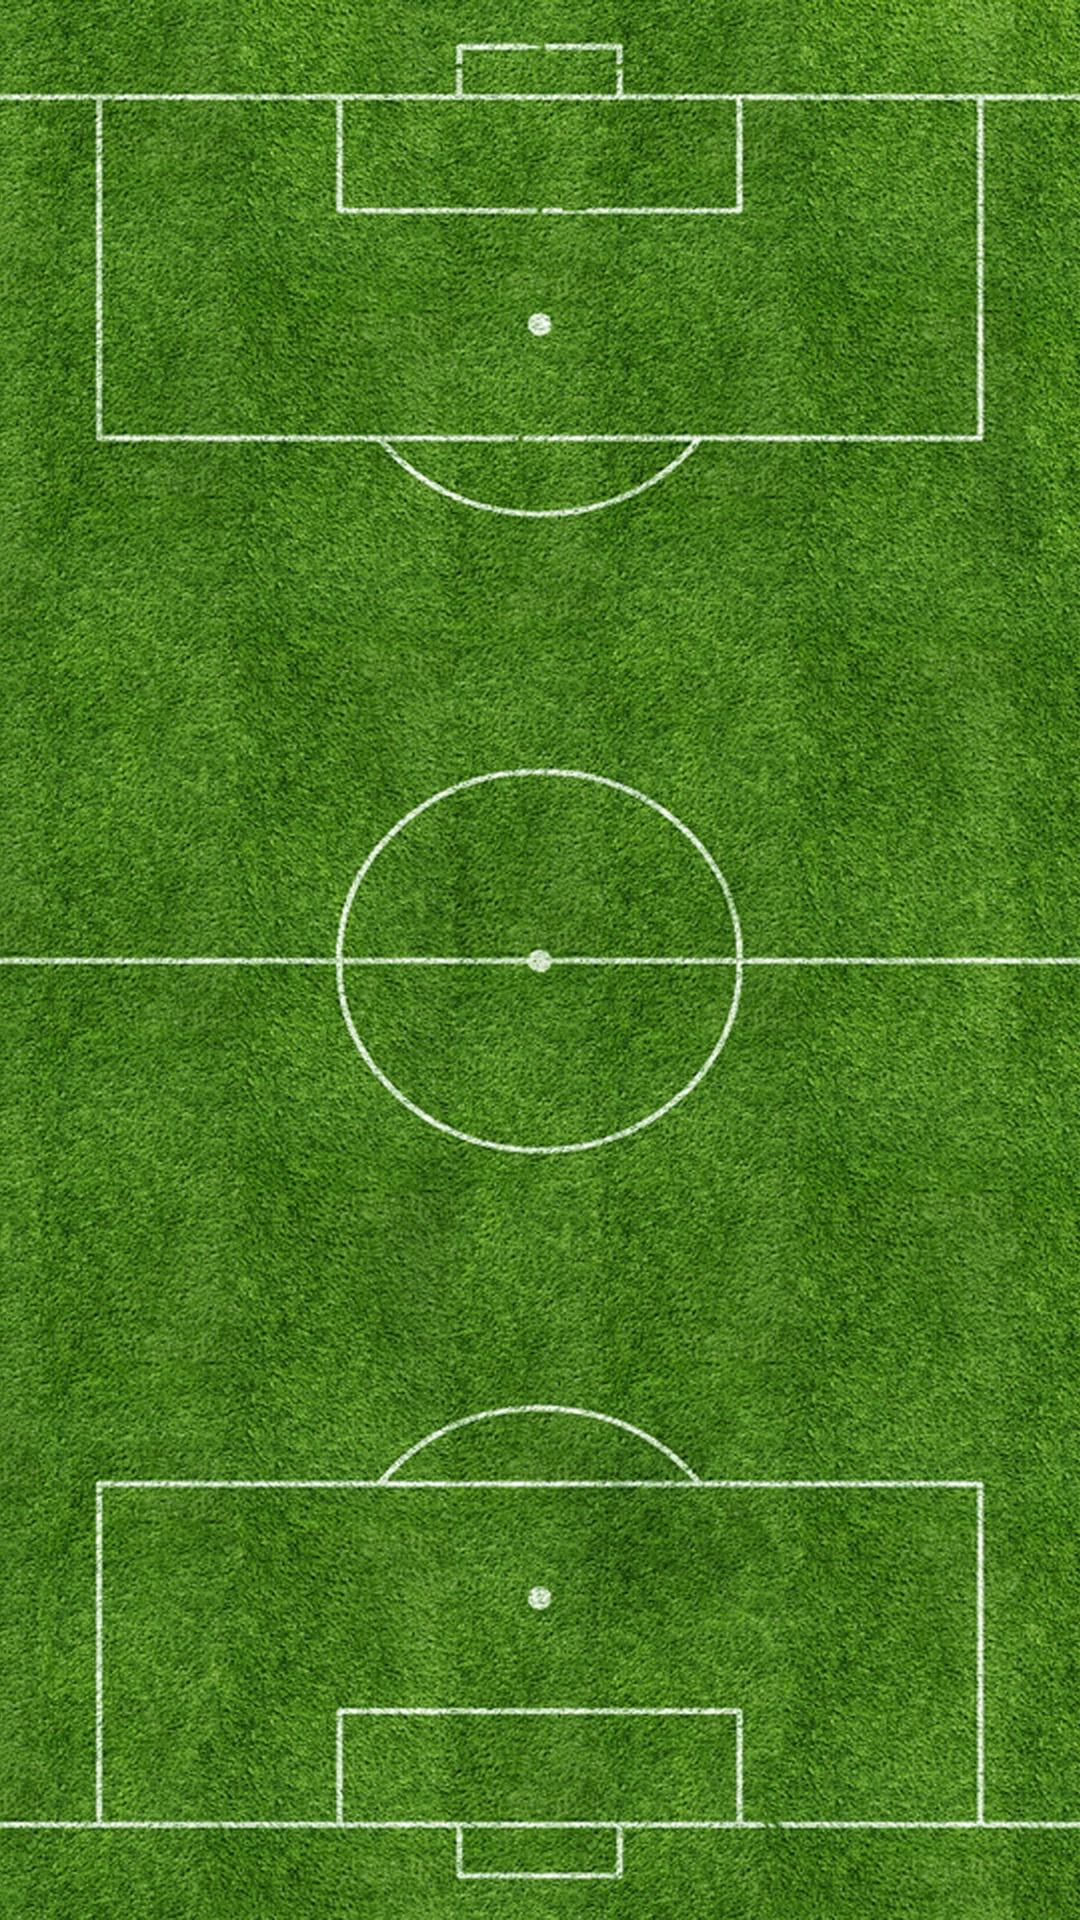 Как я браузерный 3D-футбол писала. Часть 1 - 2